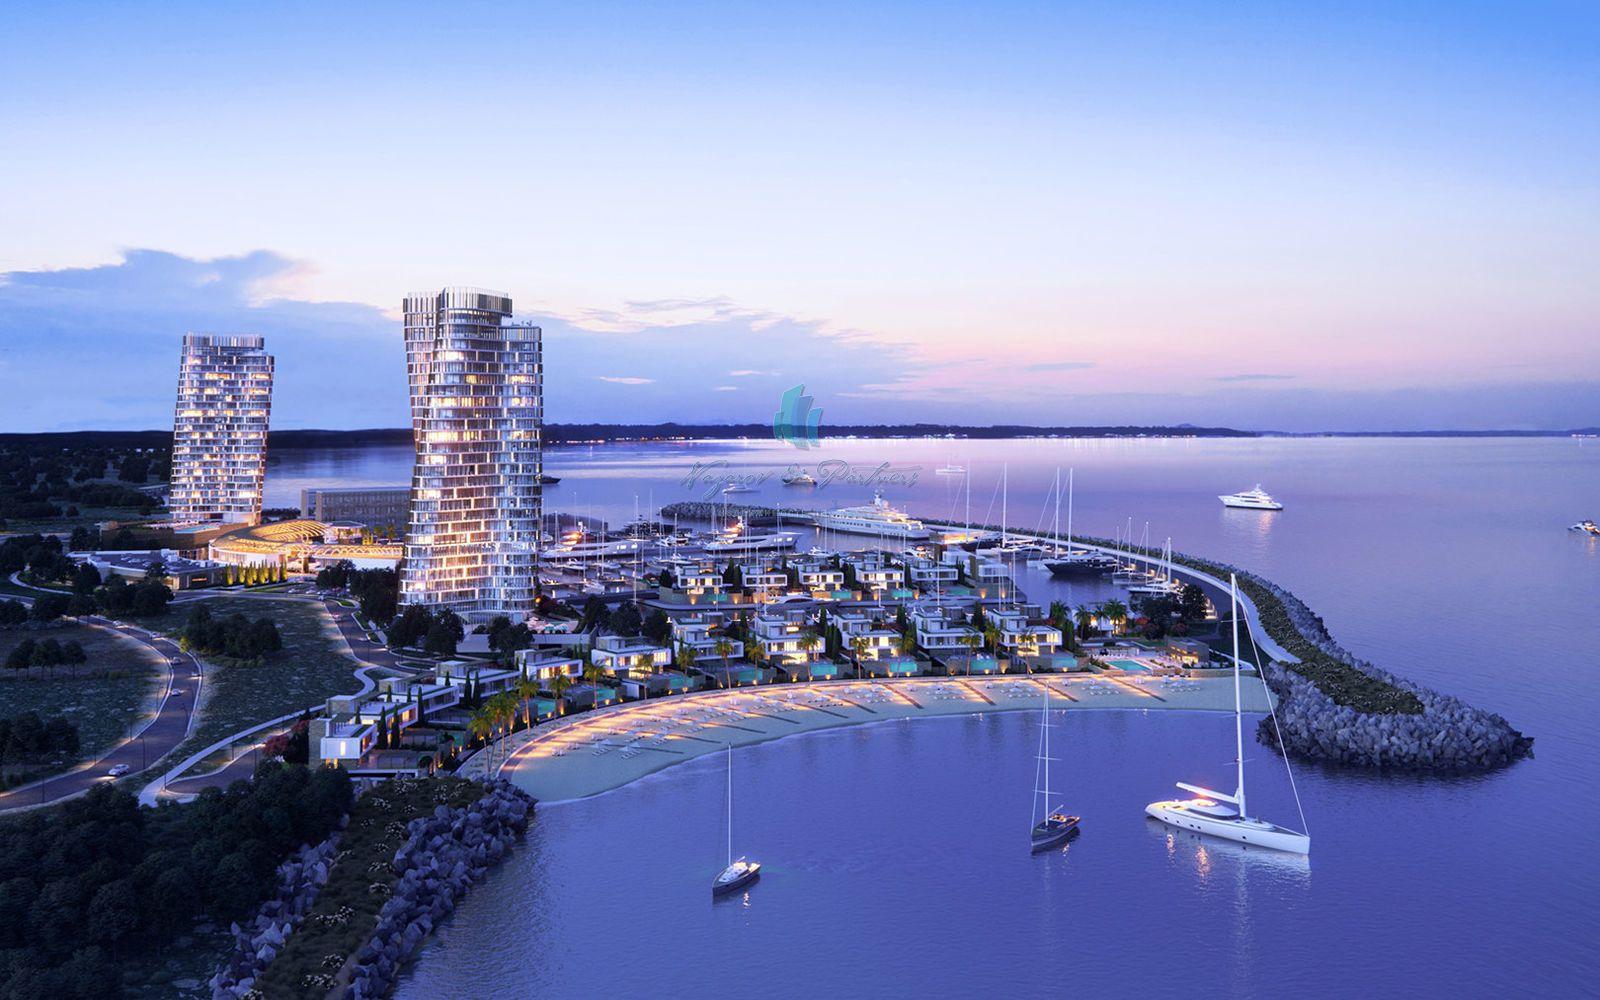 Кипре коммерческой на недвижимости продажа сколько стоит дом на мальдивах